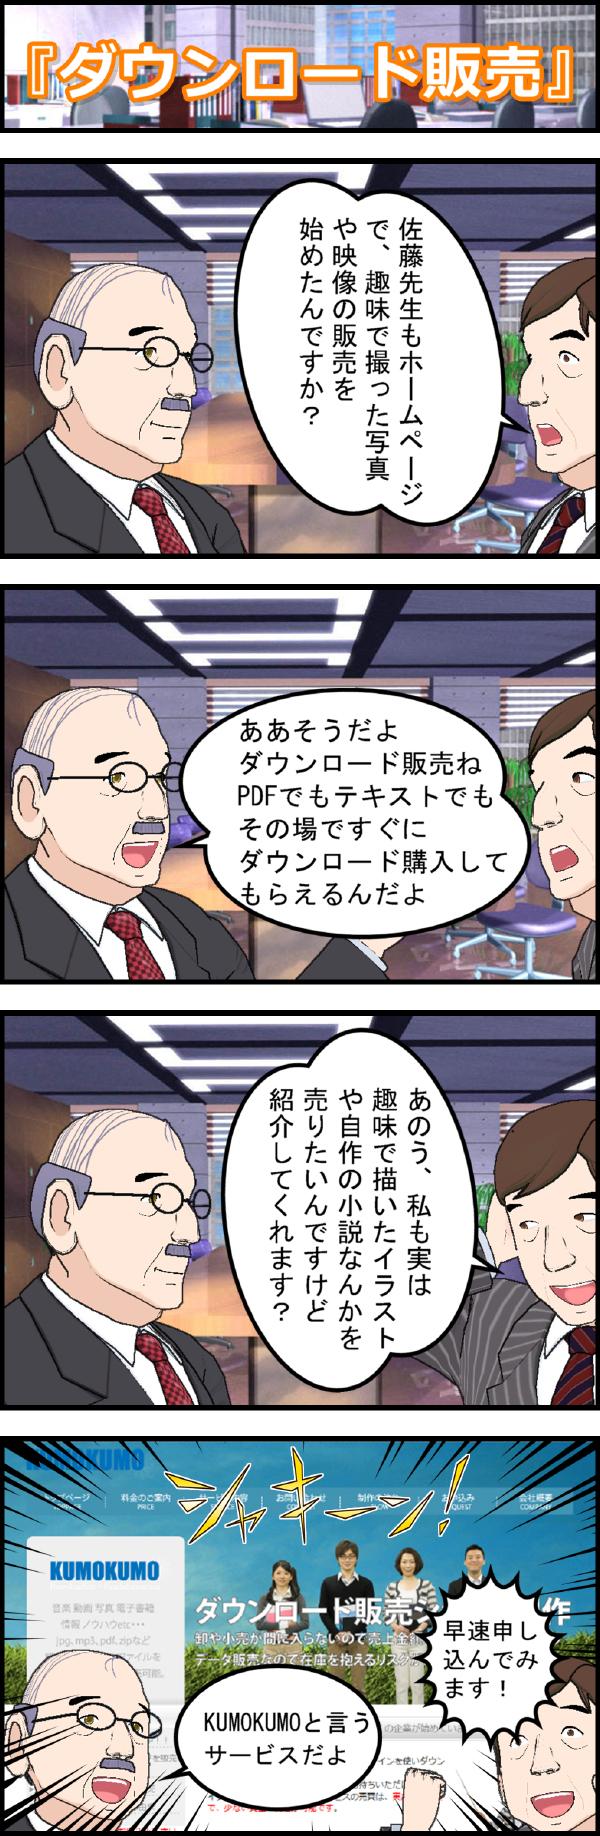 デジタルコンテンツ販売システム作成